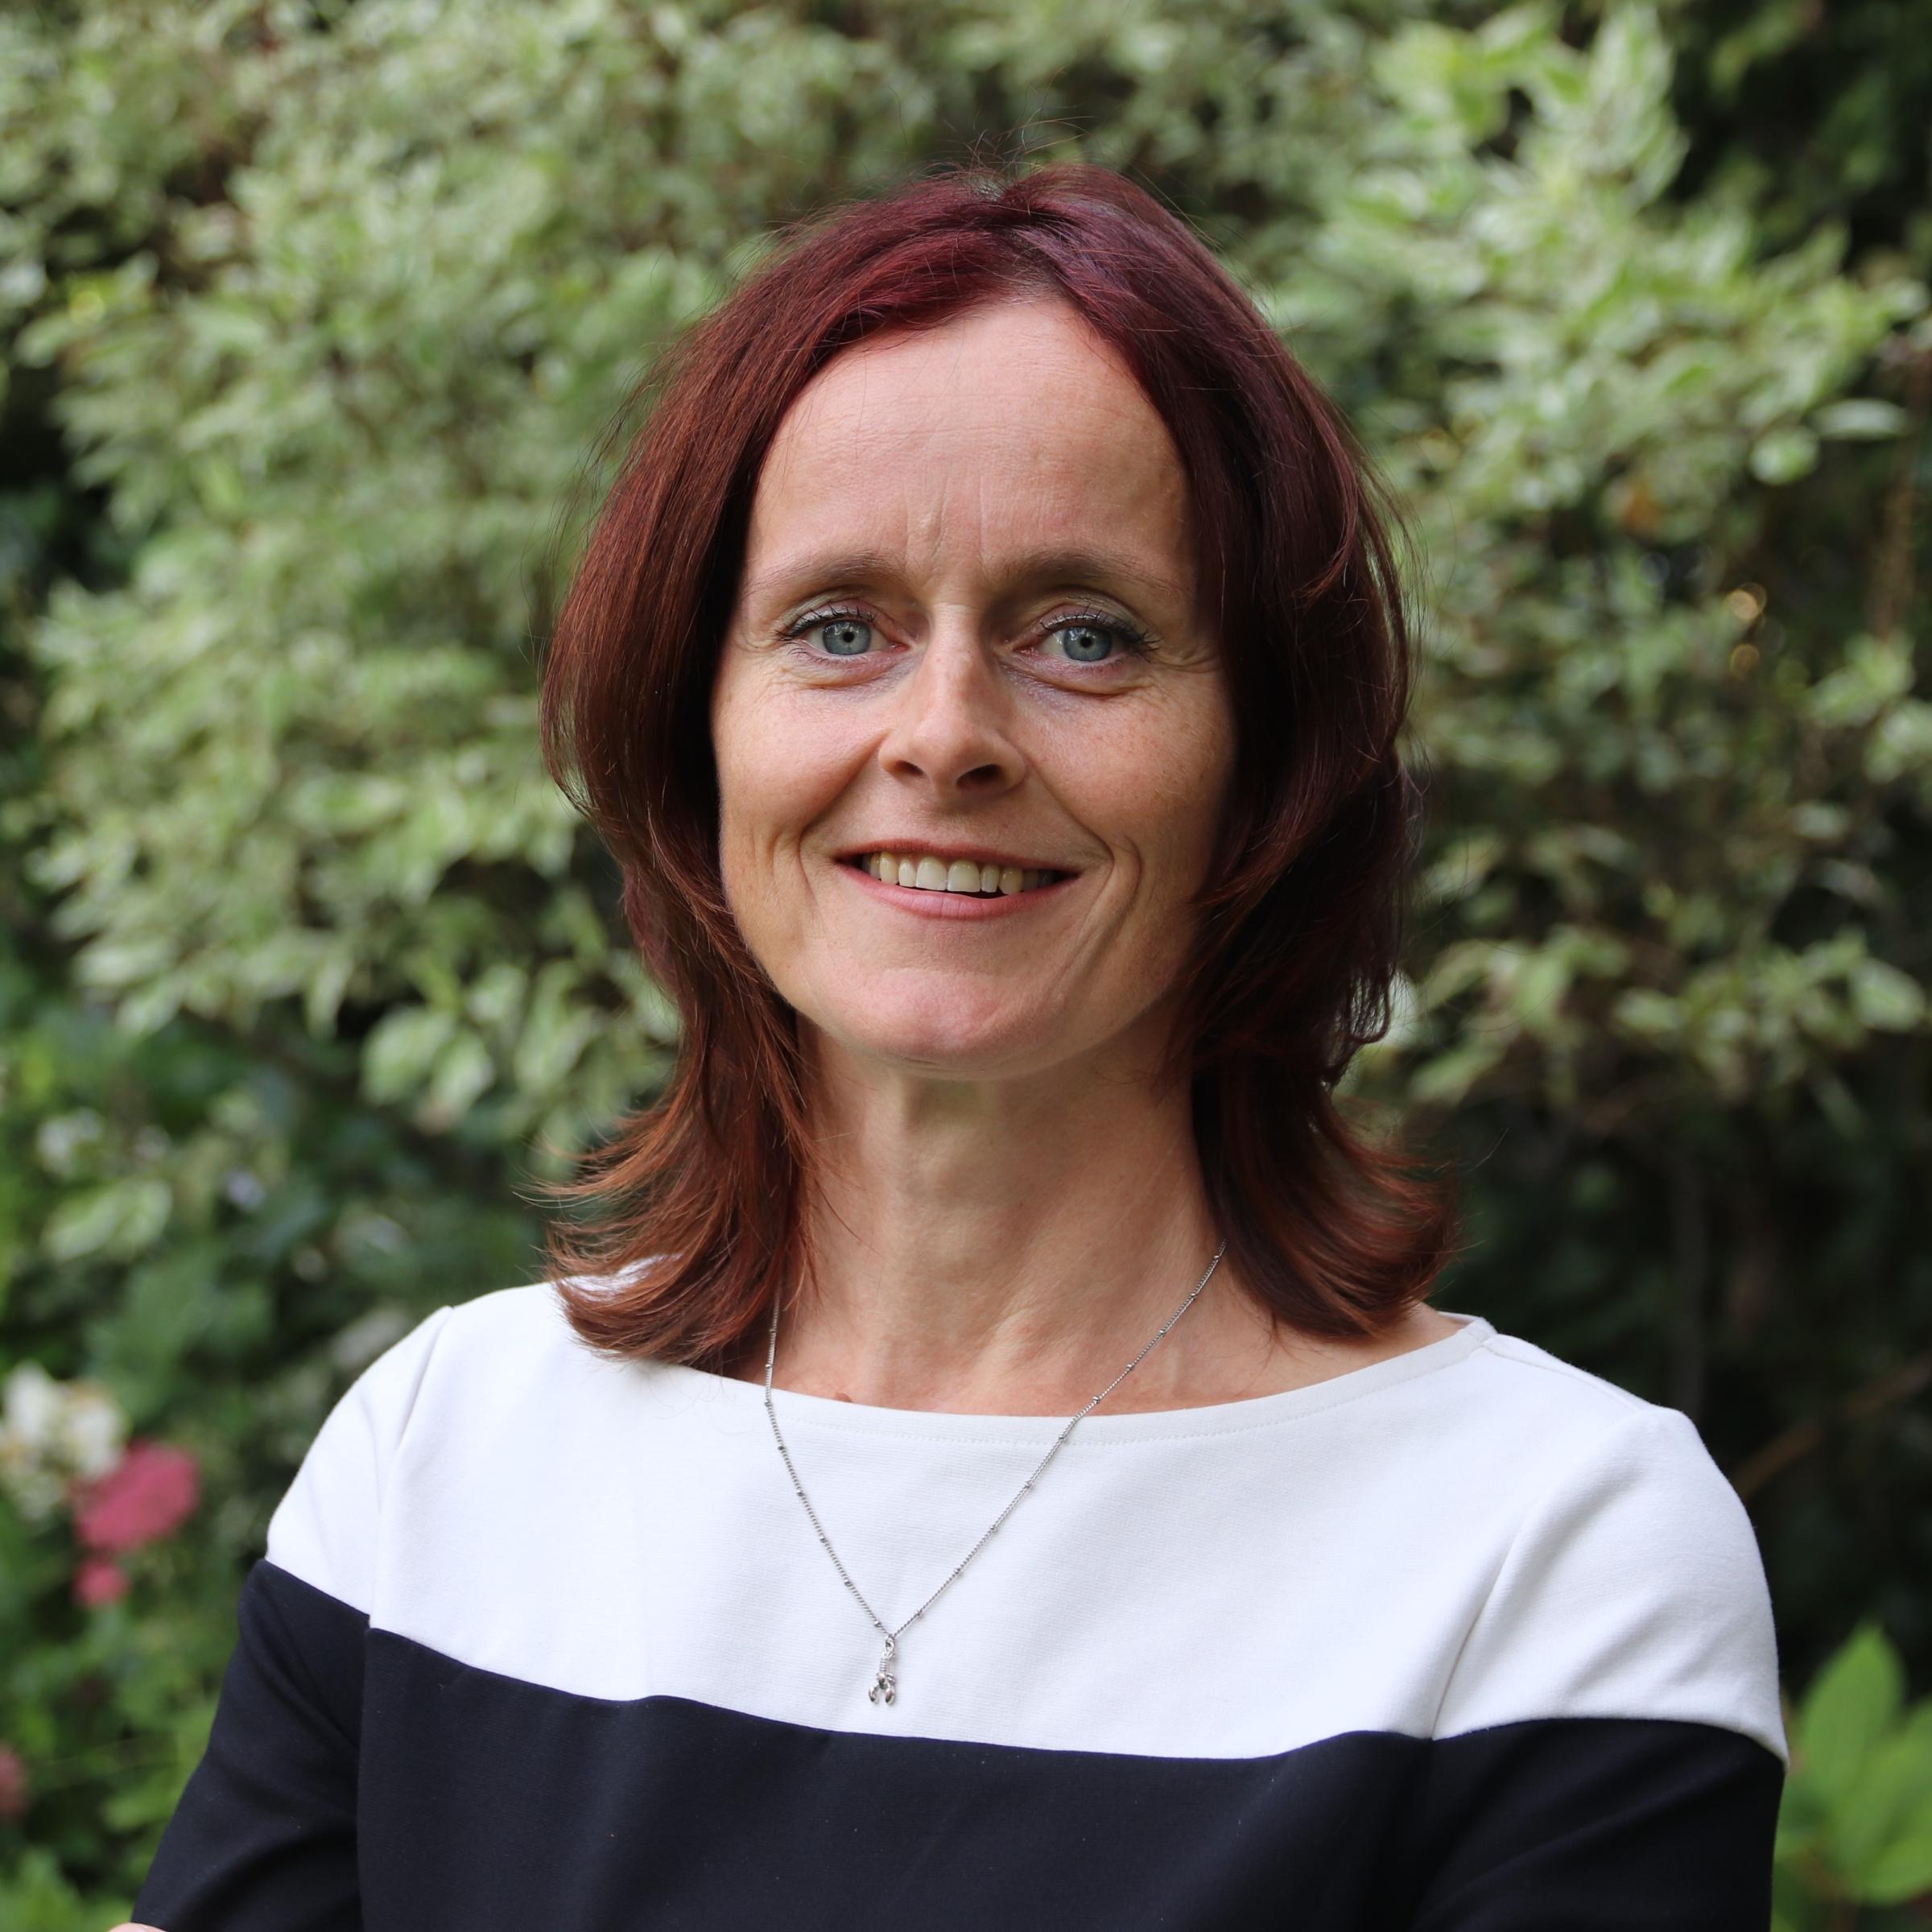 Margot Vaarmeijer